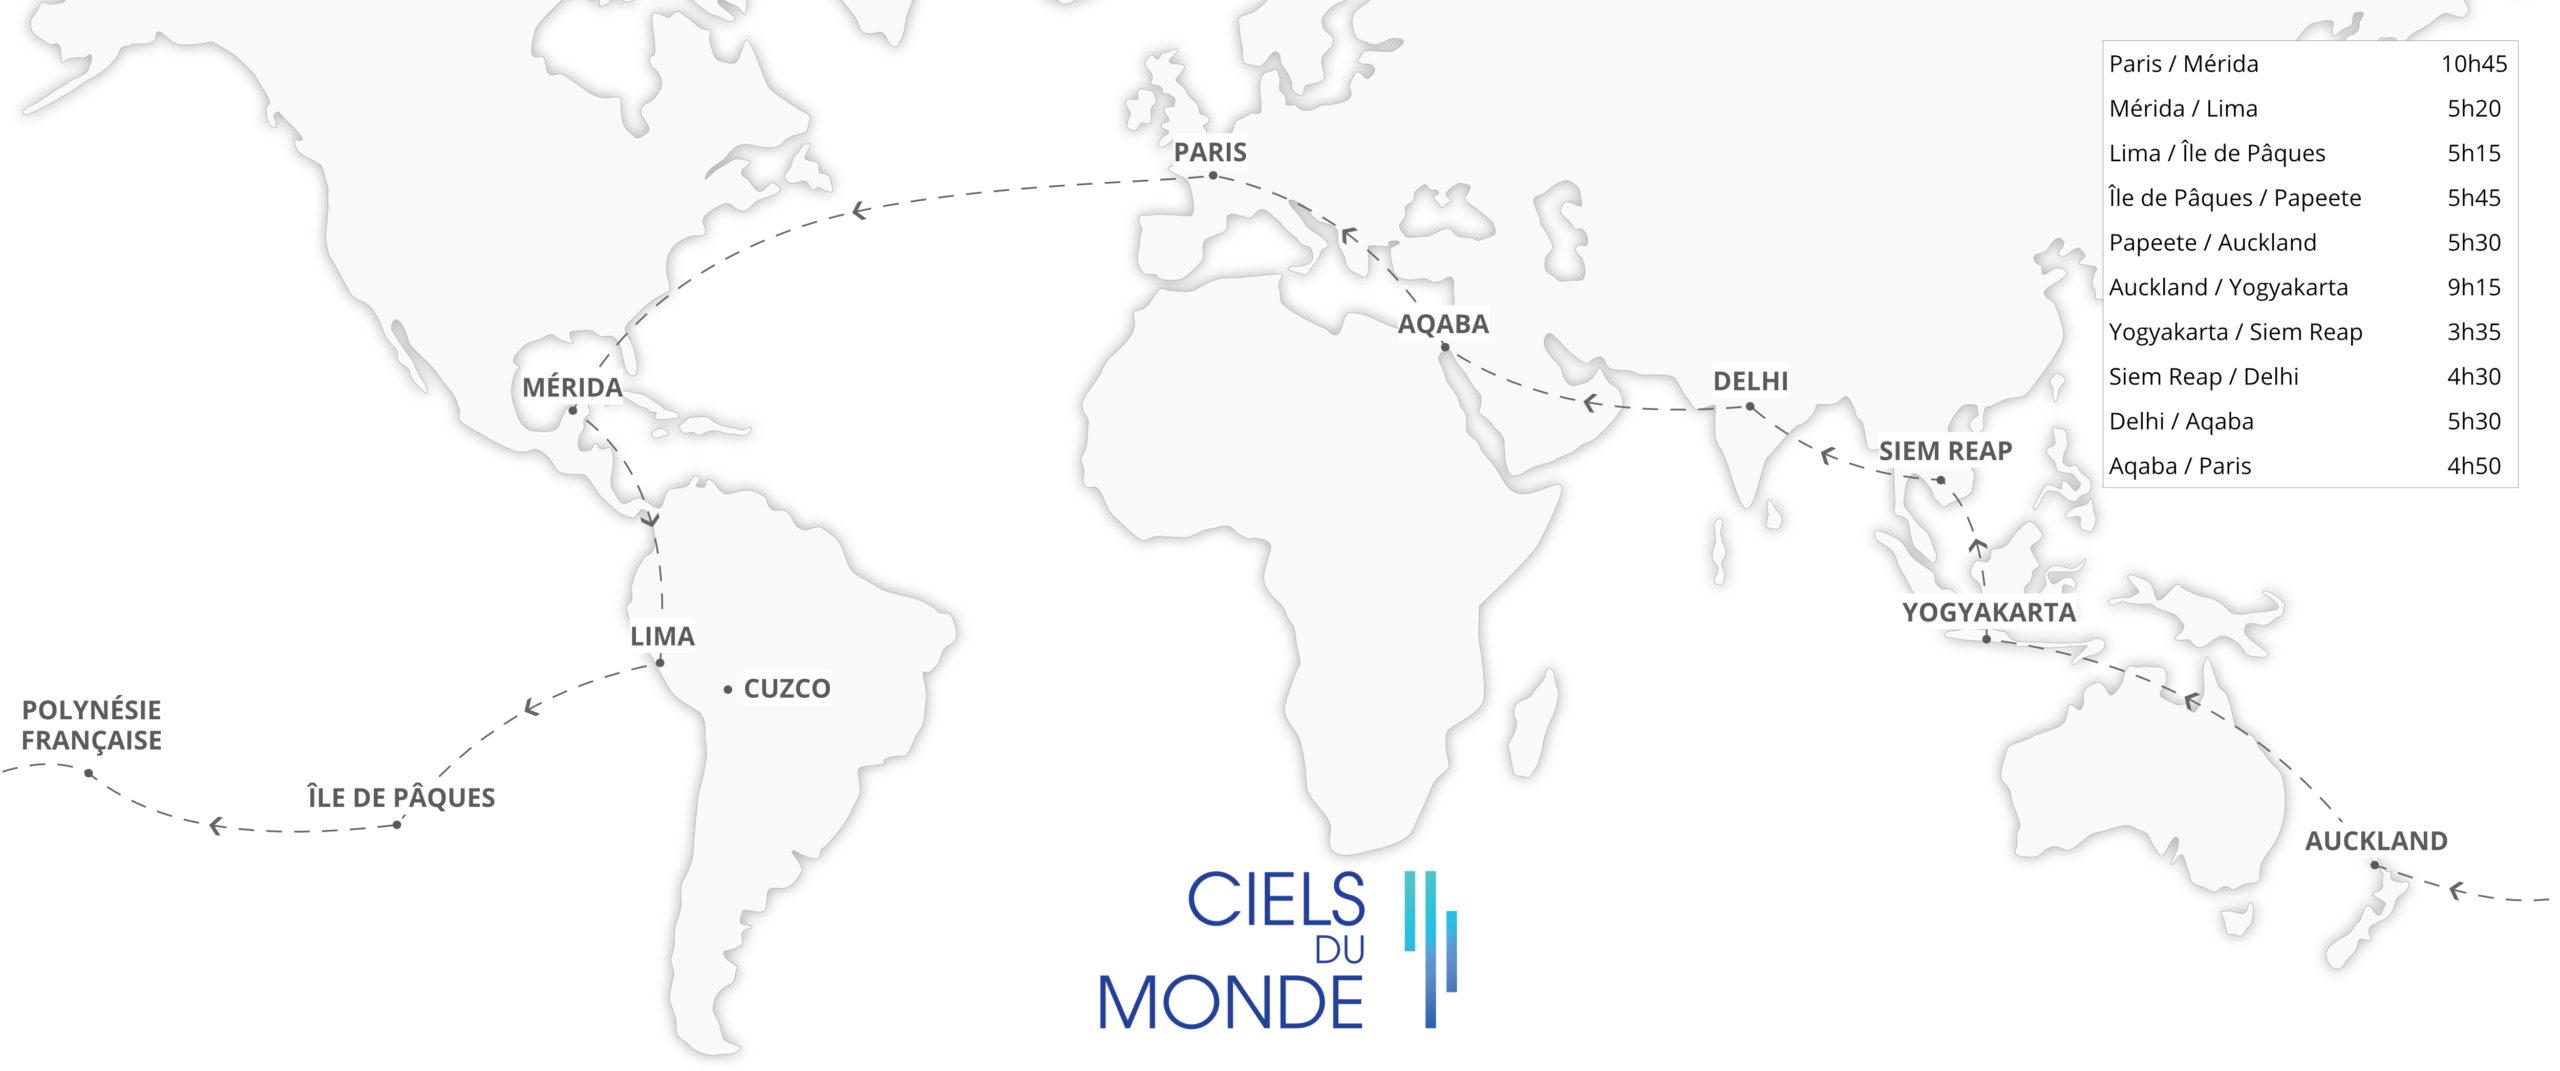 Tour du Monde - Visages et Civilisations du Monde - Temps de vol